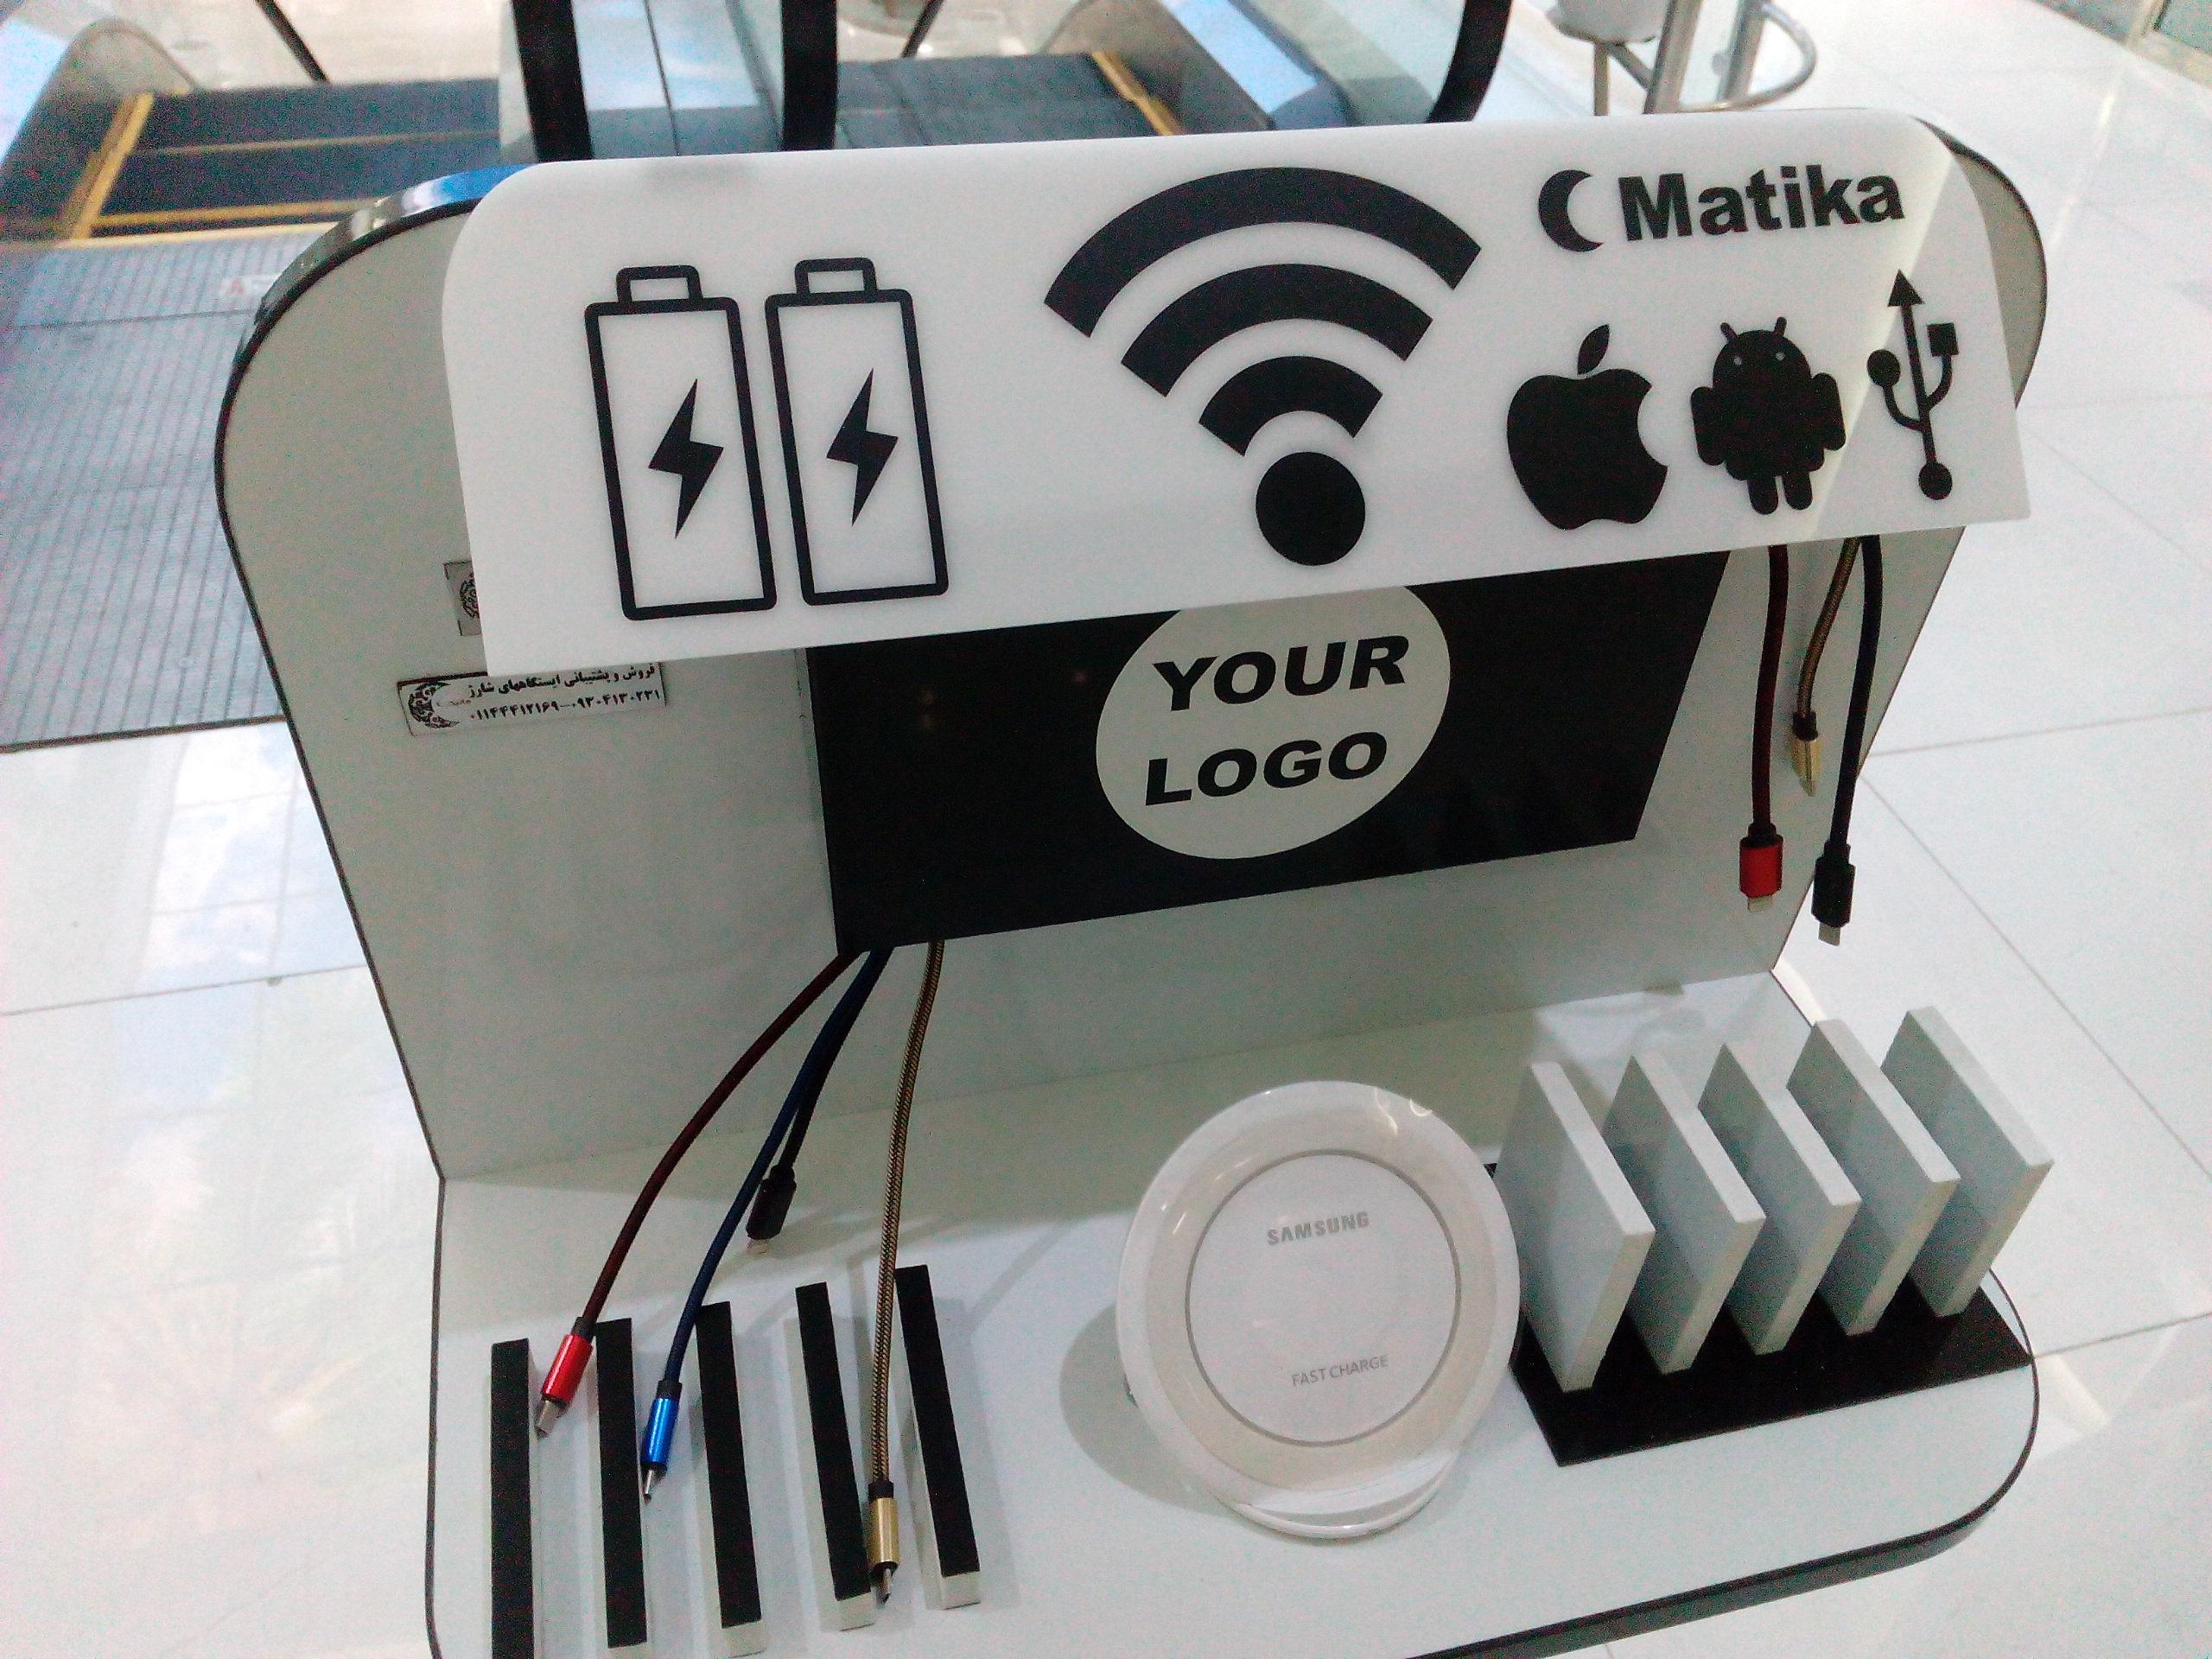 ایستگاه شارژر موبایل مدل TWIP-W پایه دار با ظاهری زیبا و کیفیت مناسب دارای قابلیت شارژ فست همزمان ۸ گوشی موبایل و تبلت از انواع مختلف و یک شارژر وایرلس روکار می باشد که باتوجه به ابعاد آن ۲۲×۱۳۲×۴۲ سانتی متر امکان قرار گیری و نصب روی زمین و یا دیوار در هر نقطه ای را دارد و امکان نصب لوگو برند روی دستگاه وجود دارد و همچنین دارای فضای تبلیغاتیCM ۲۸×۸۰ در روی پایه ها می باشد